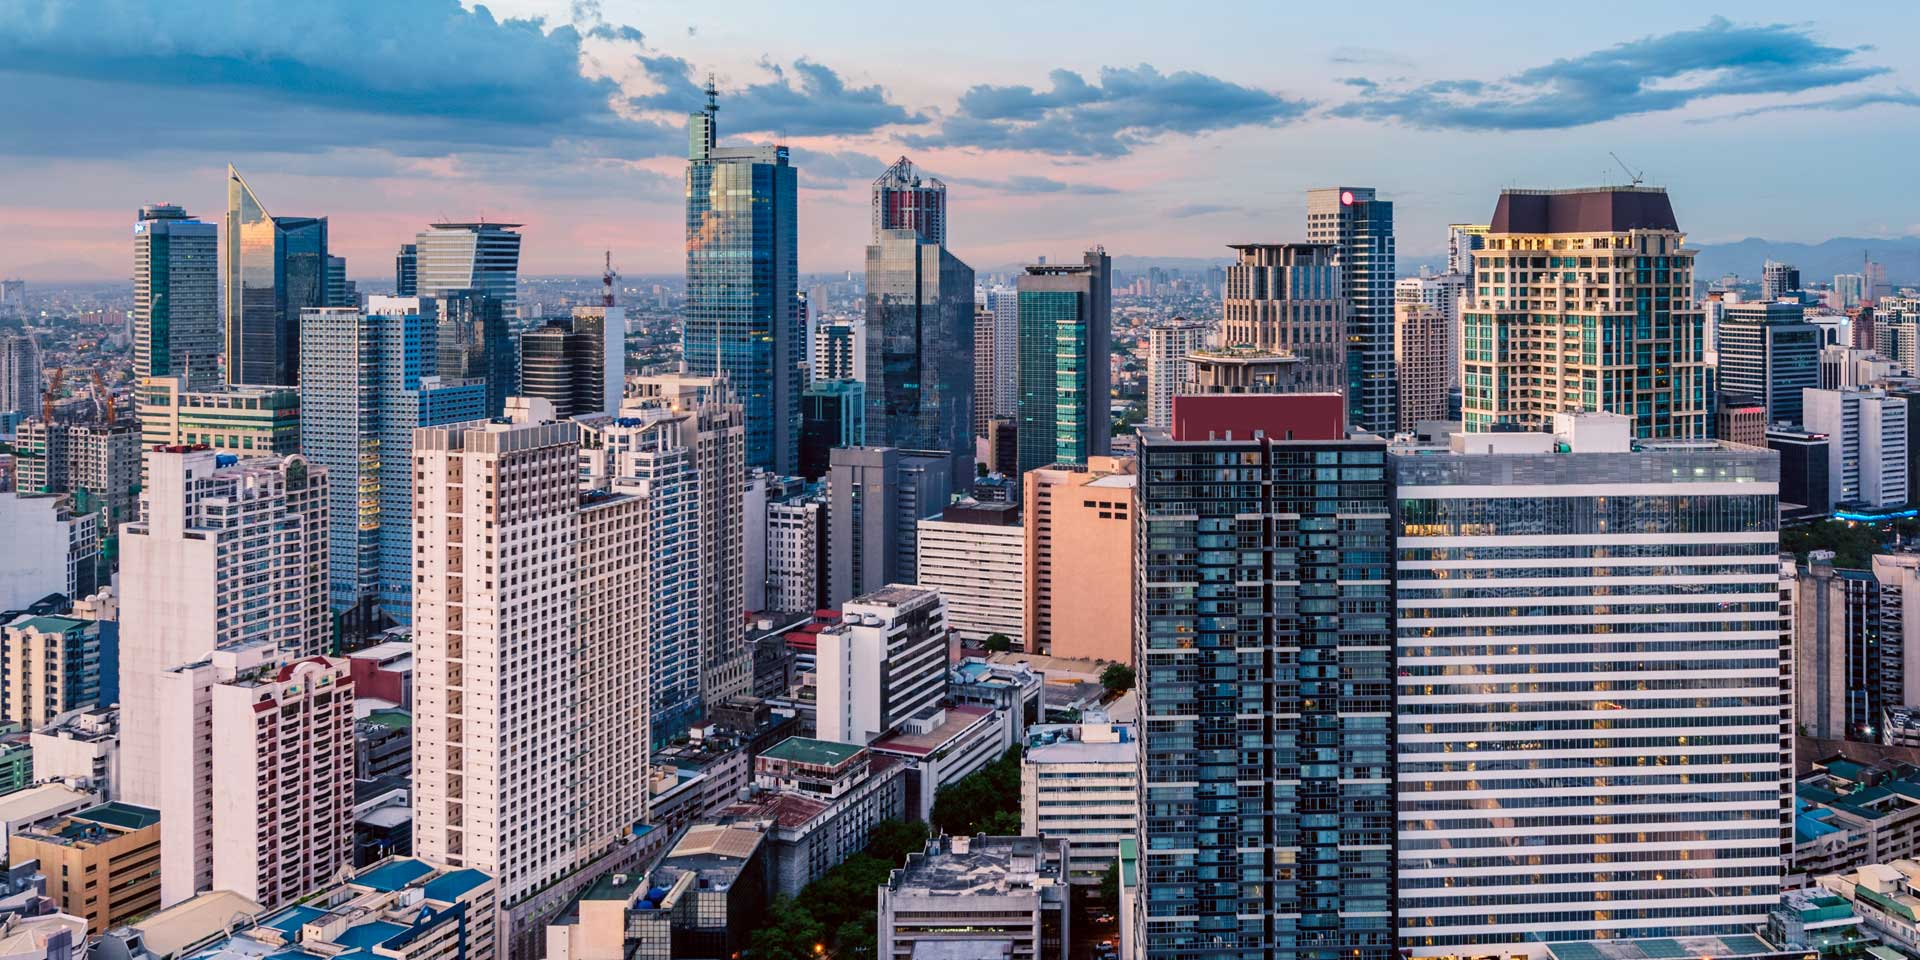 菲律宾和其他东南亚国家经济将继续扩张